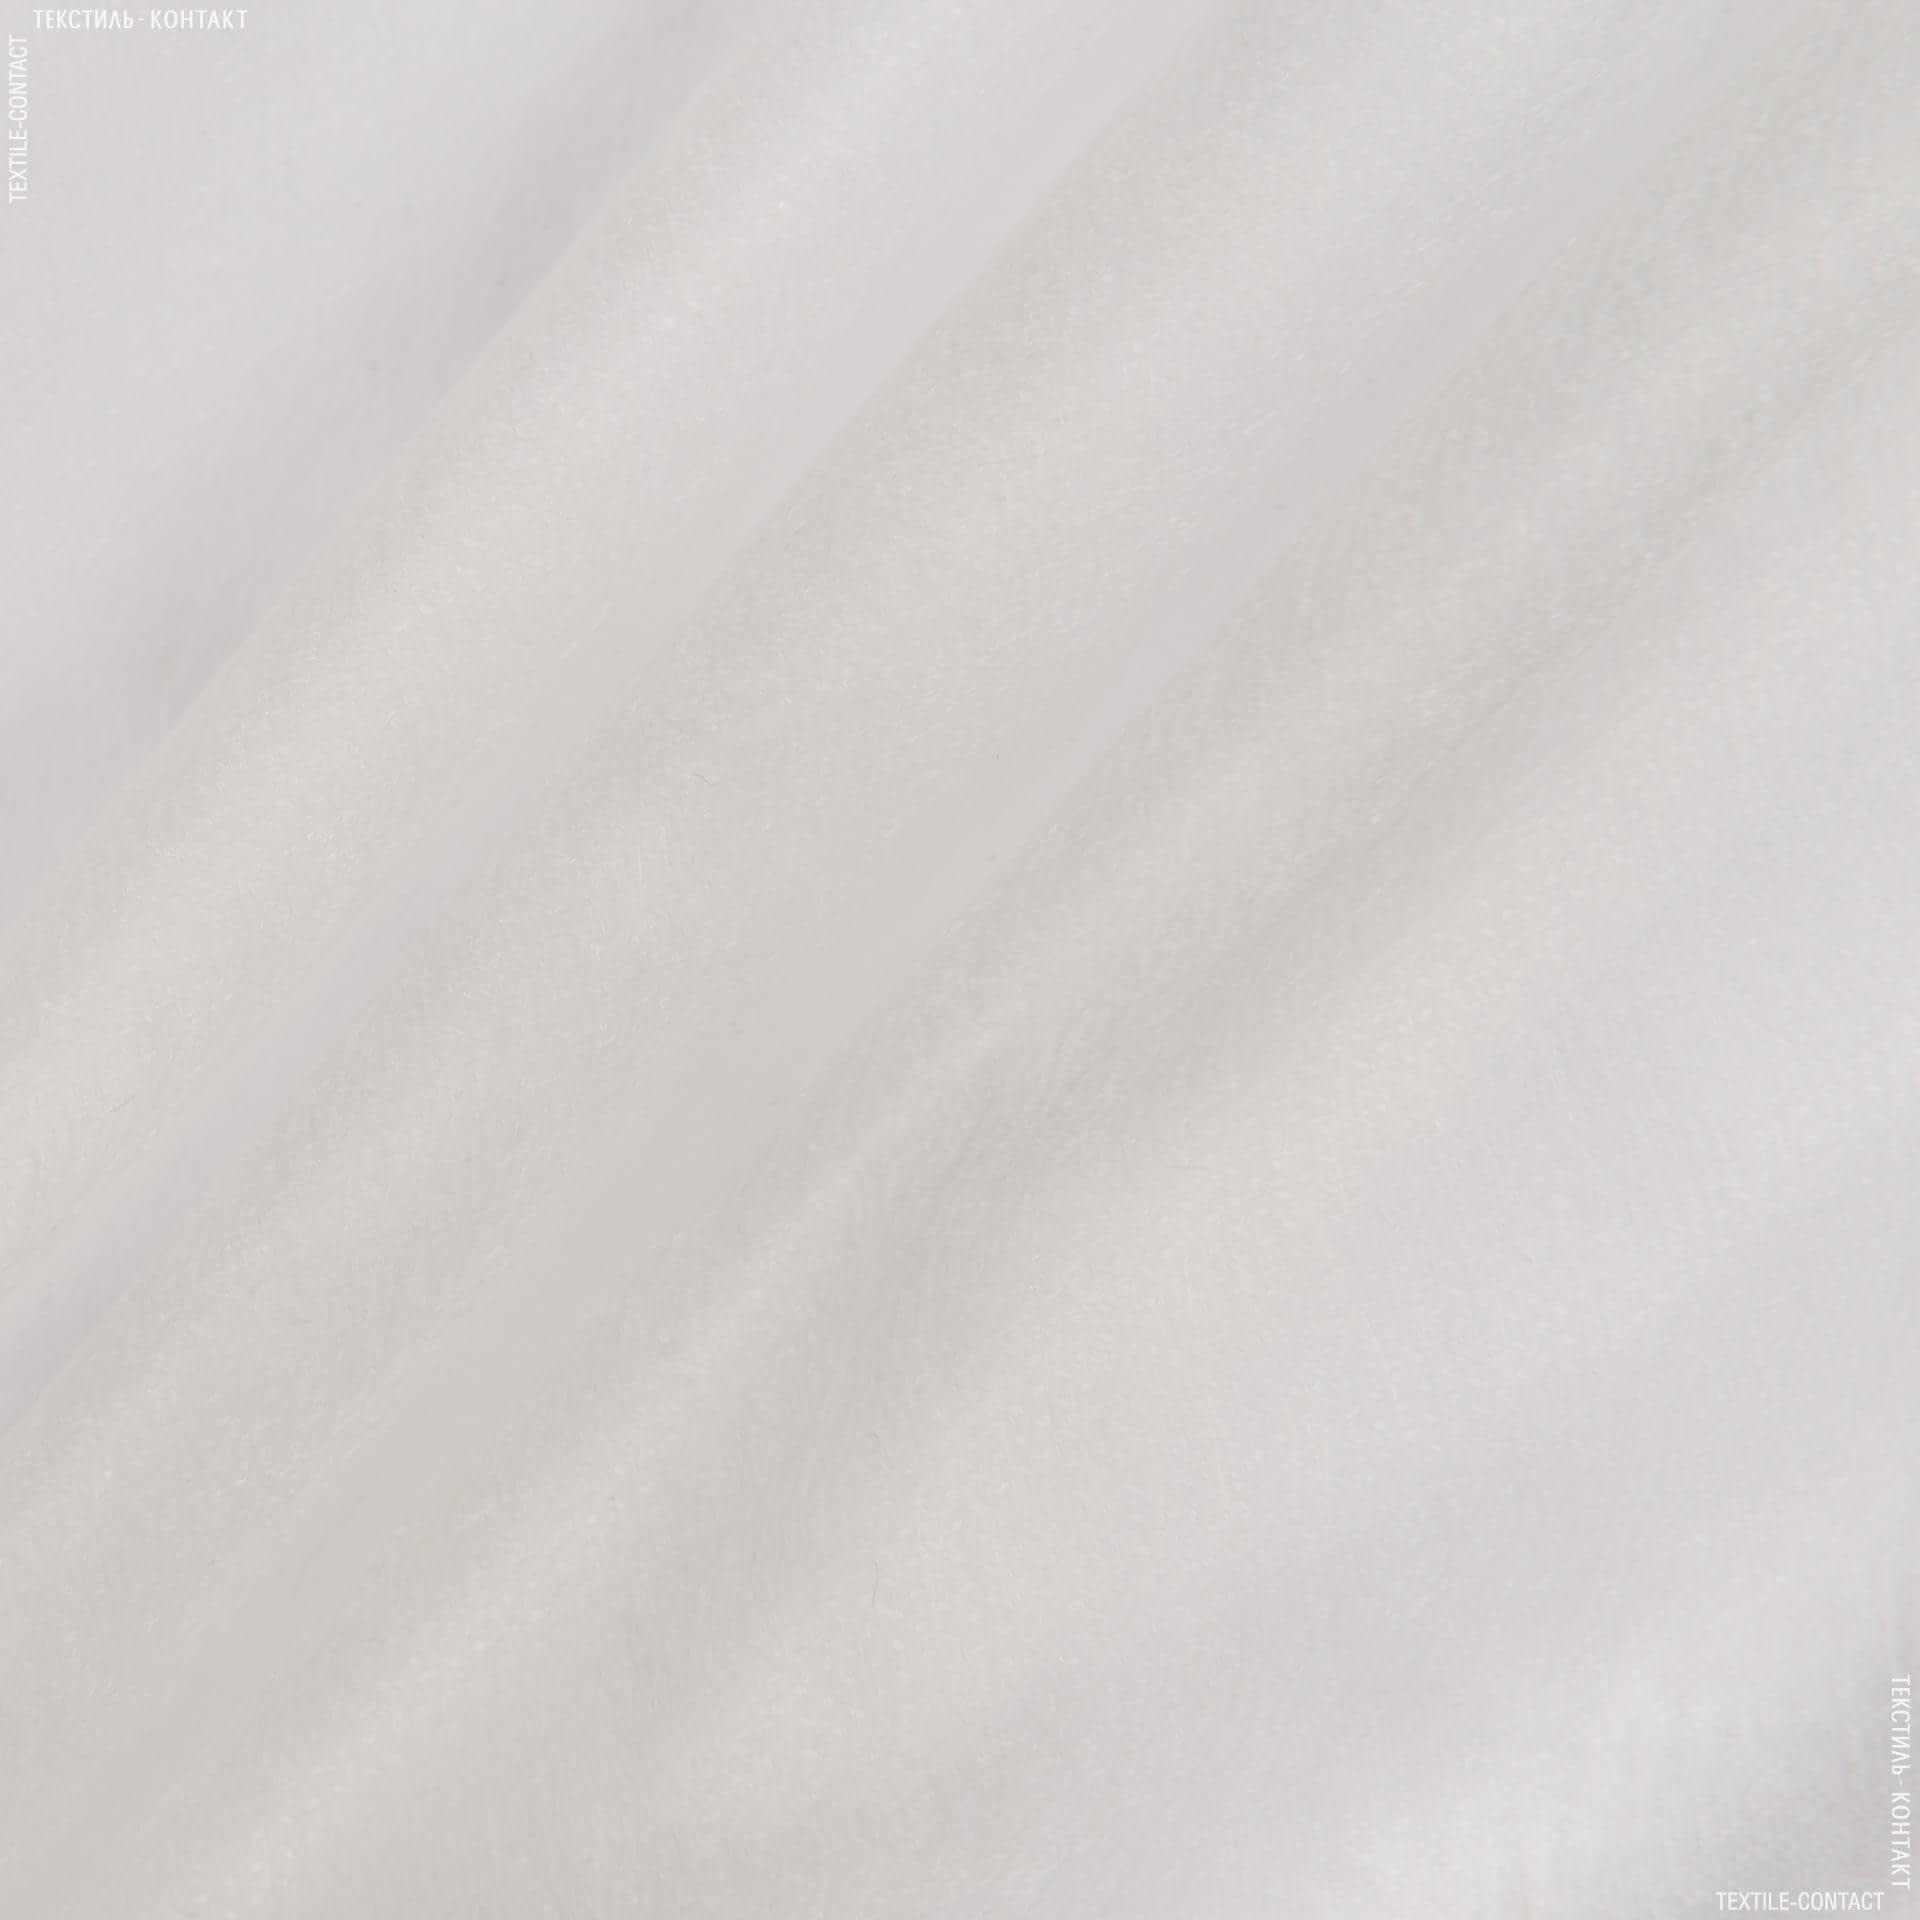 Тканини для спецодягу - Спанбонд  15g  білий